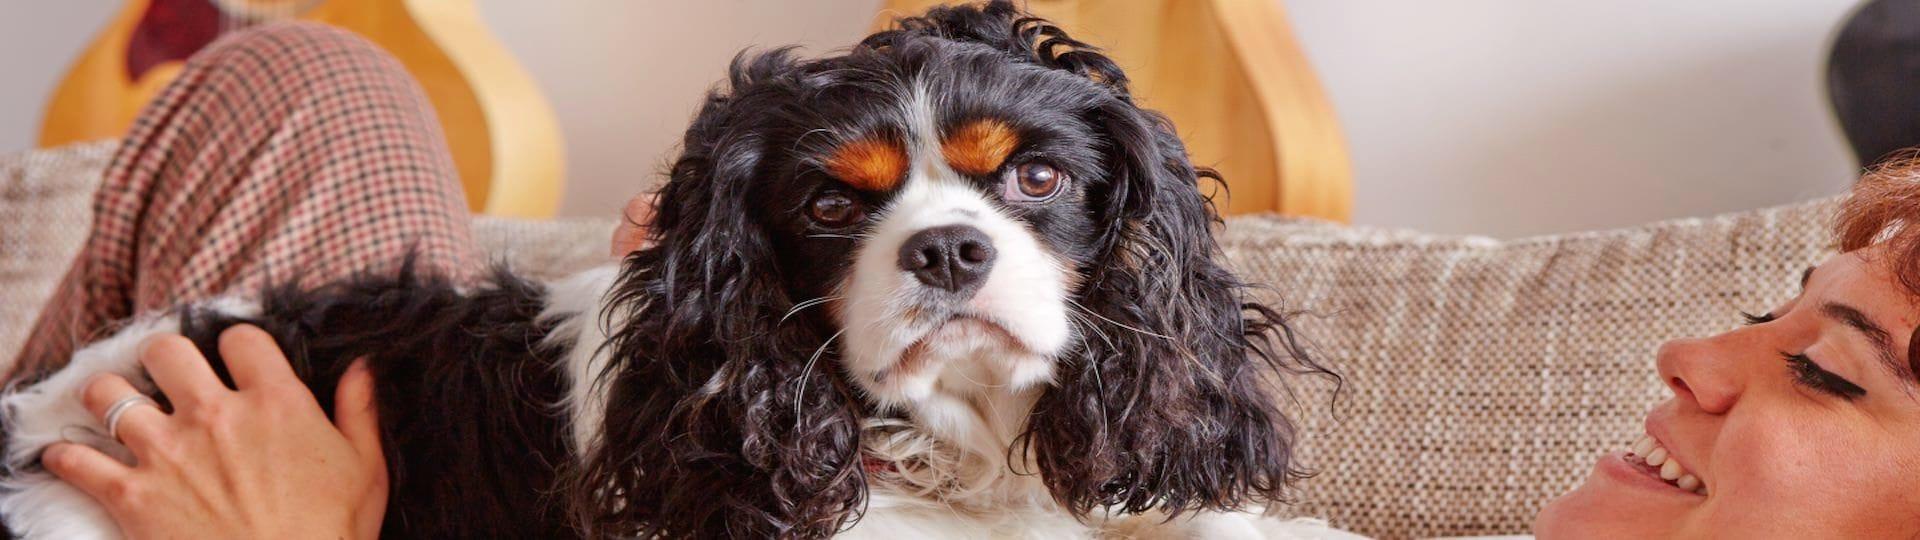 Adaptil segít a kutyáknak szocializálódni, tanulni, utazni